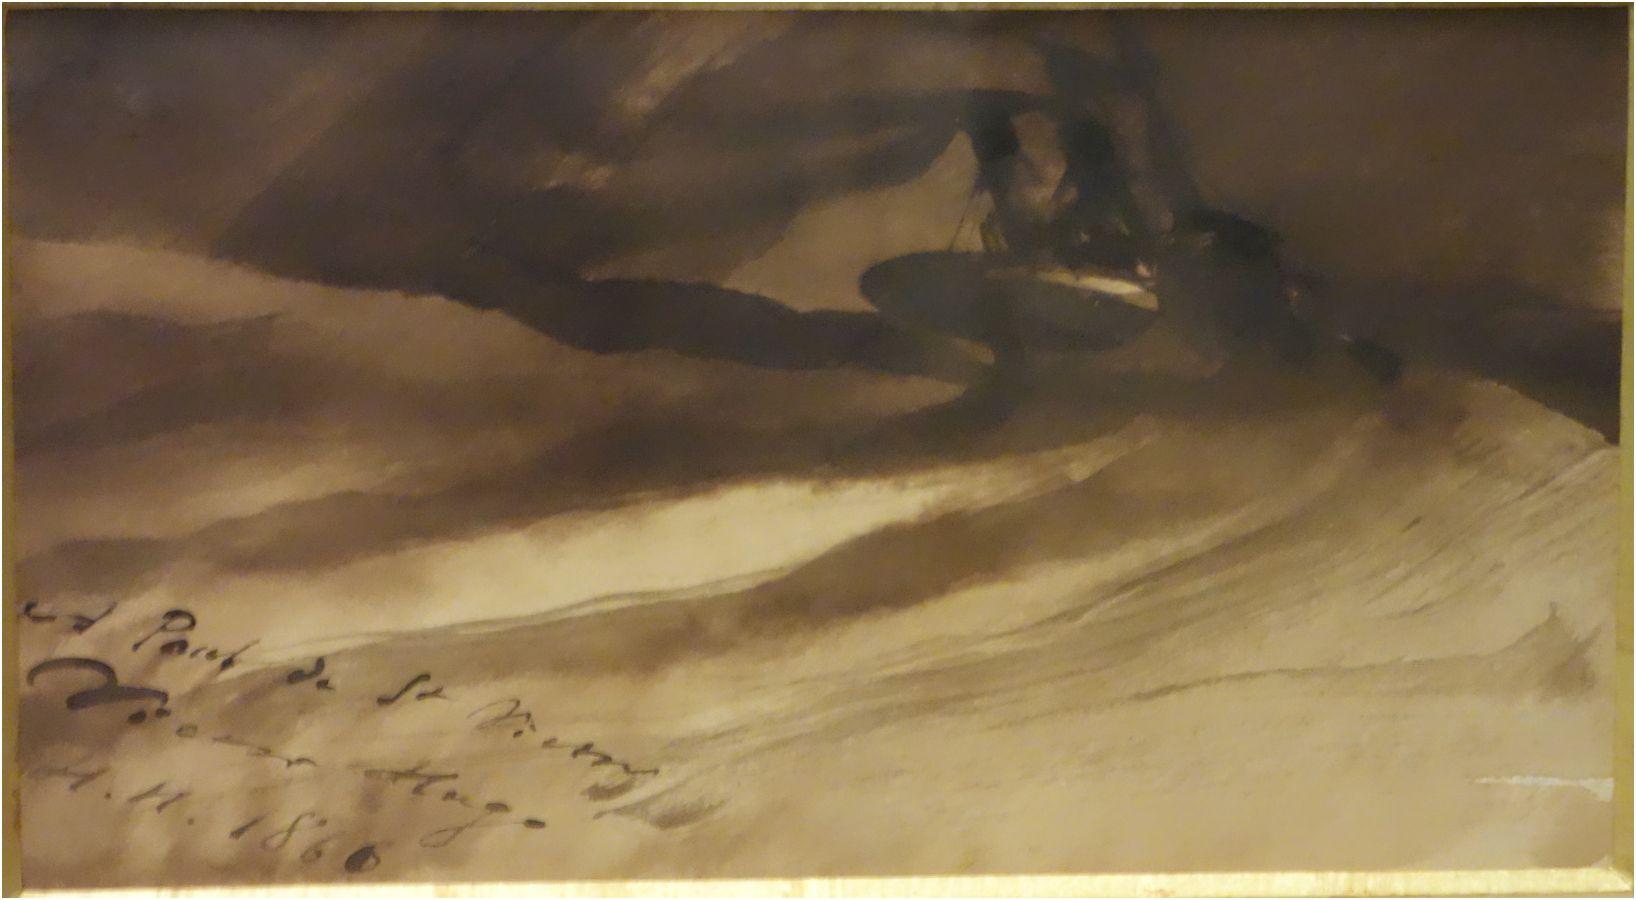 La_Durande_by_Victor_Hugo_-1866-